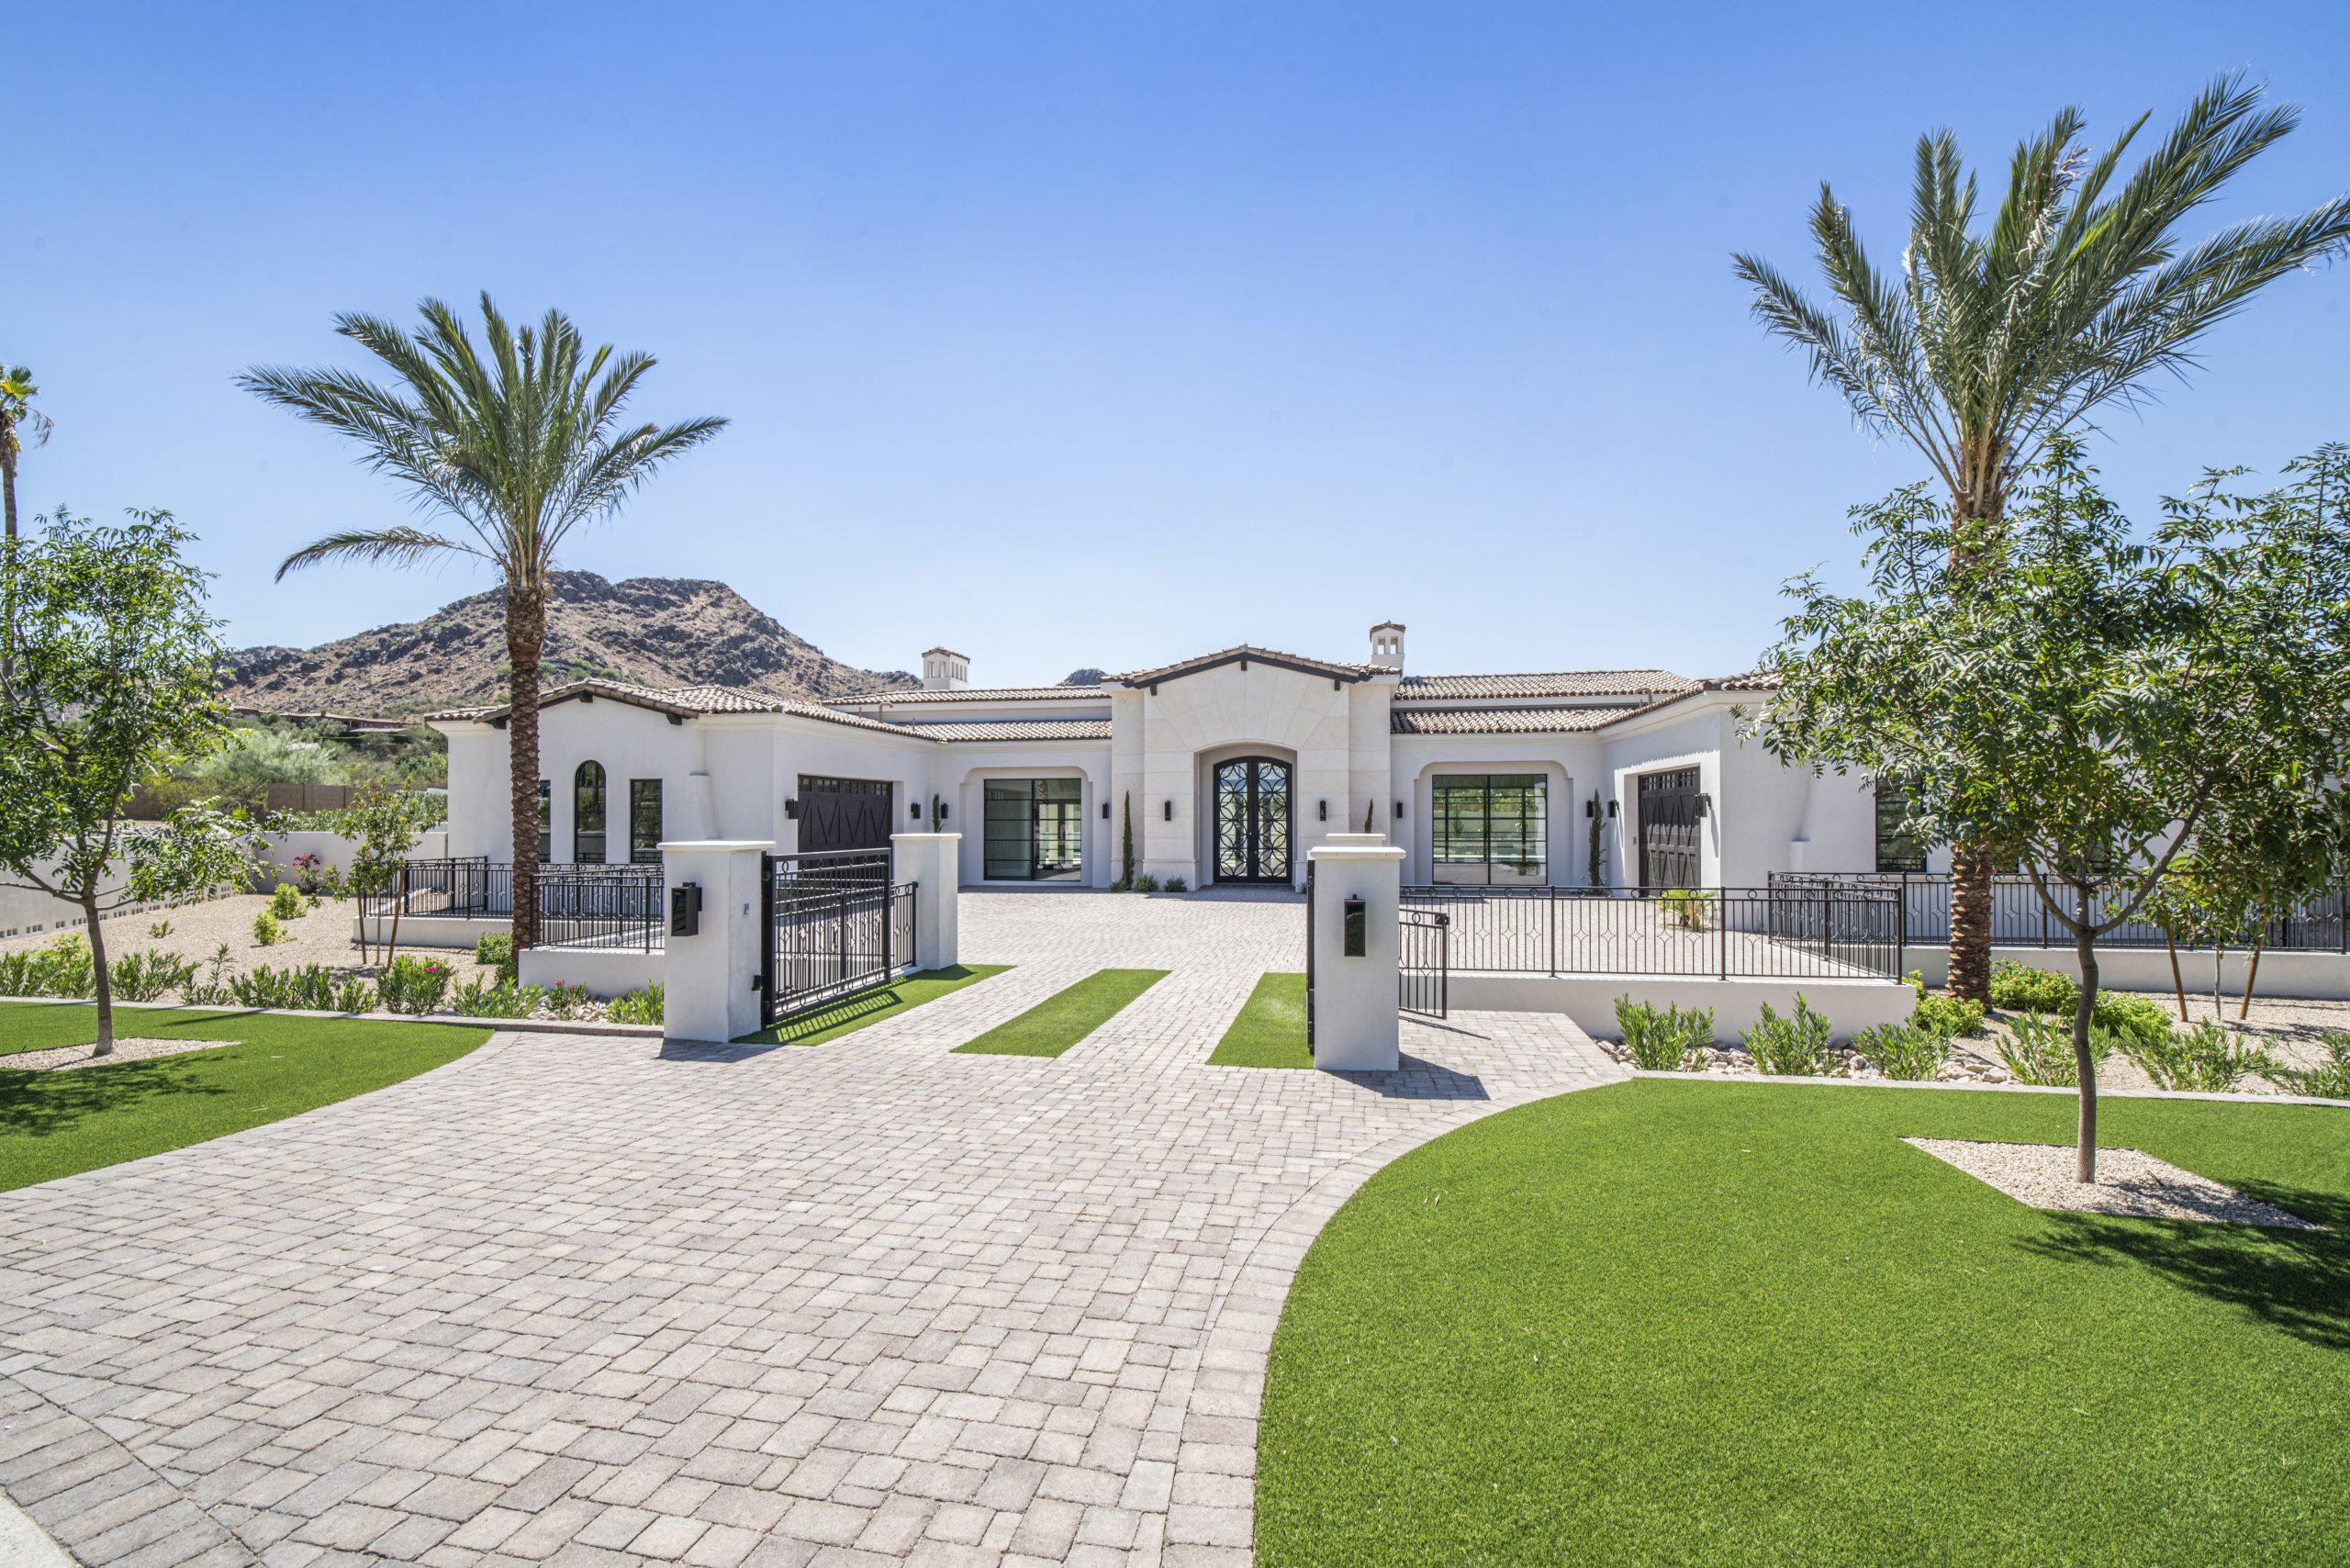 Bret Hills Estate Front Yard